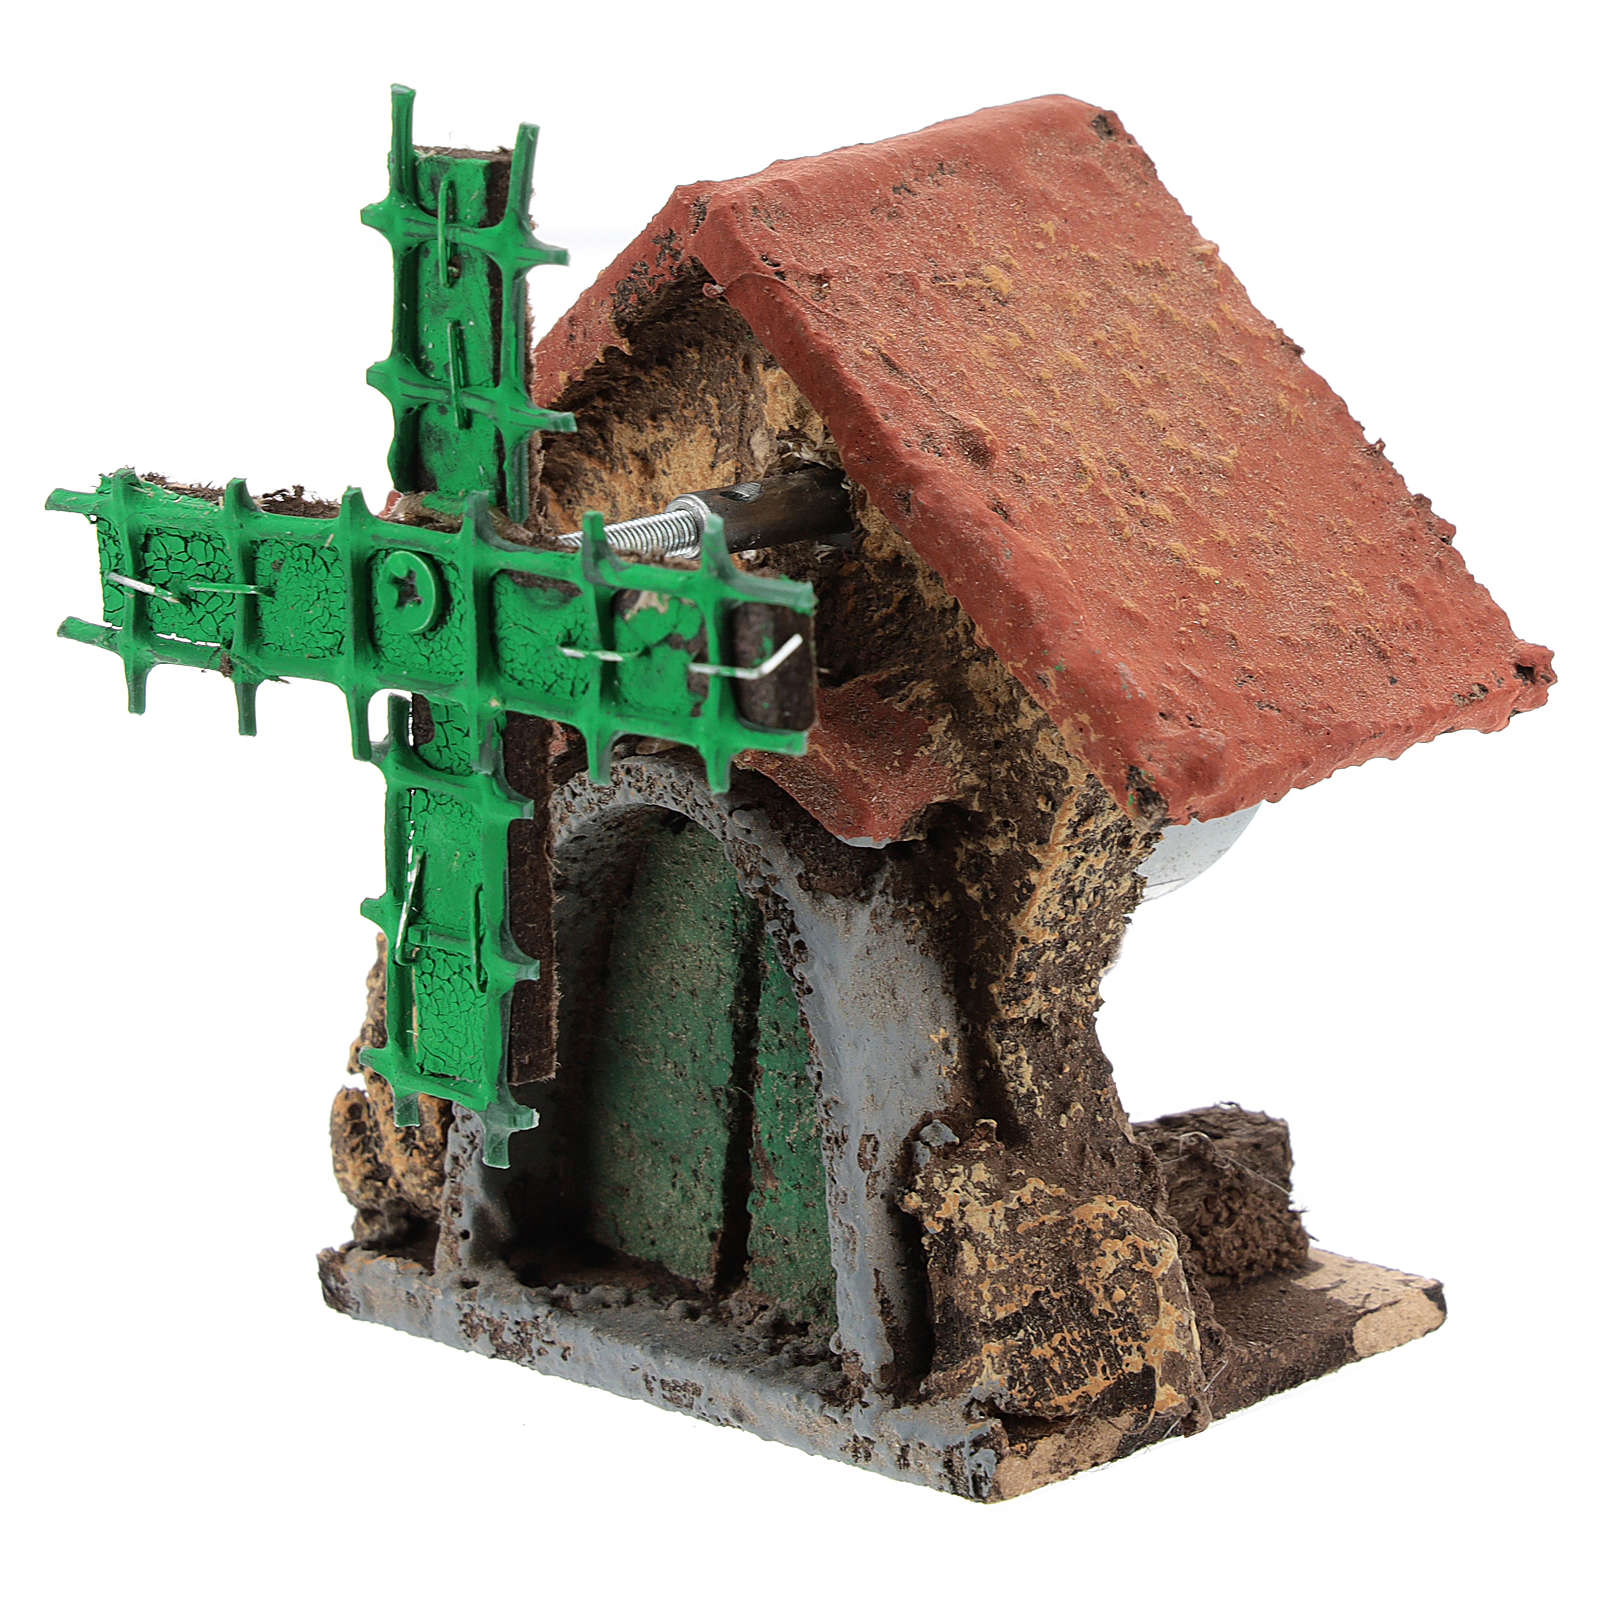 Casa con molino viento en movimiento 10x5x5 cm belén Nápoles 4-6 cm 4